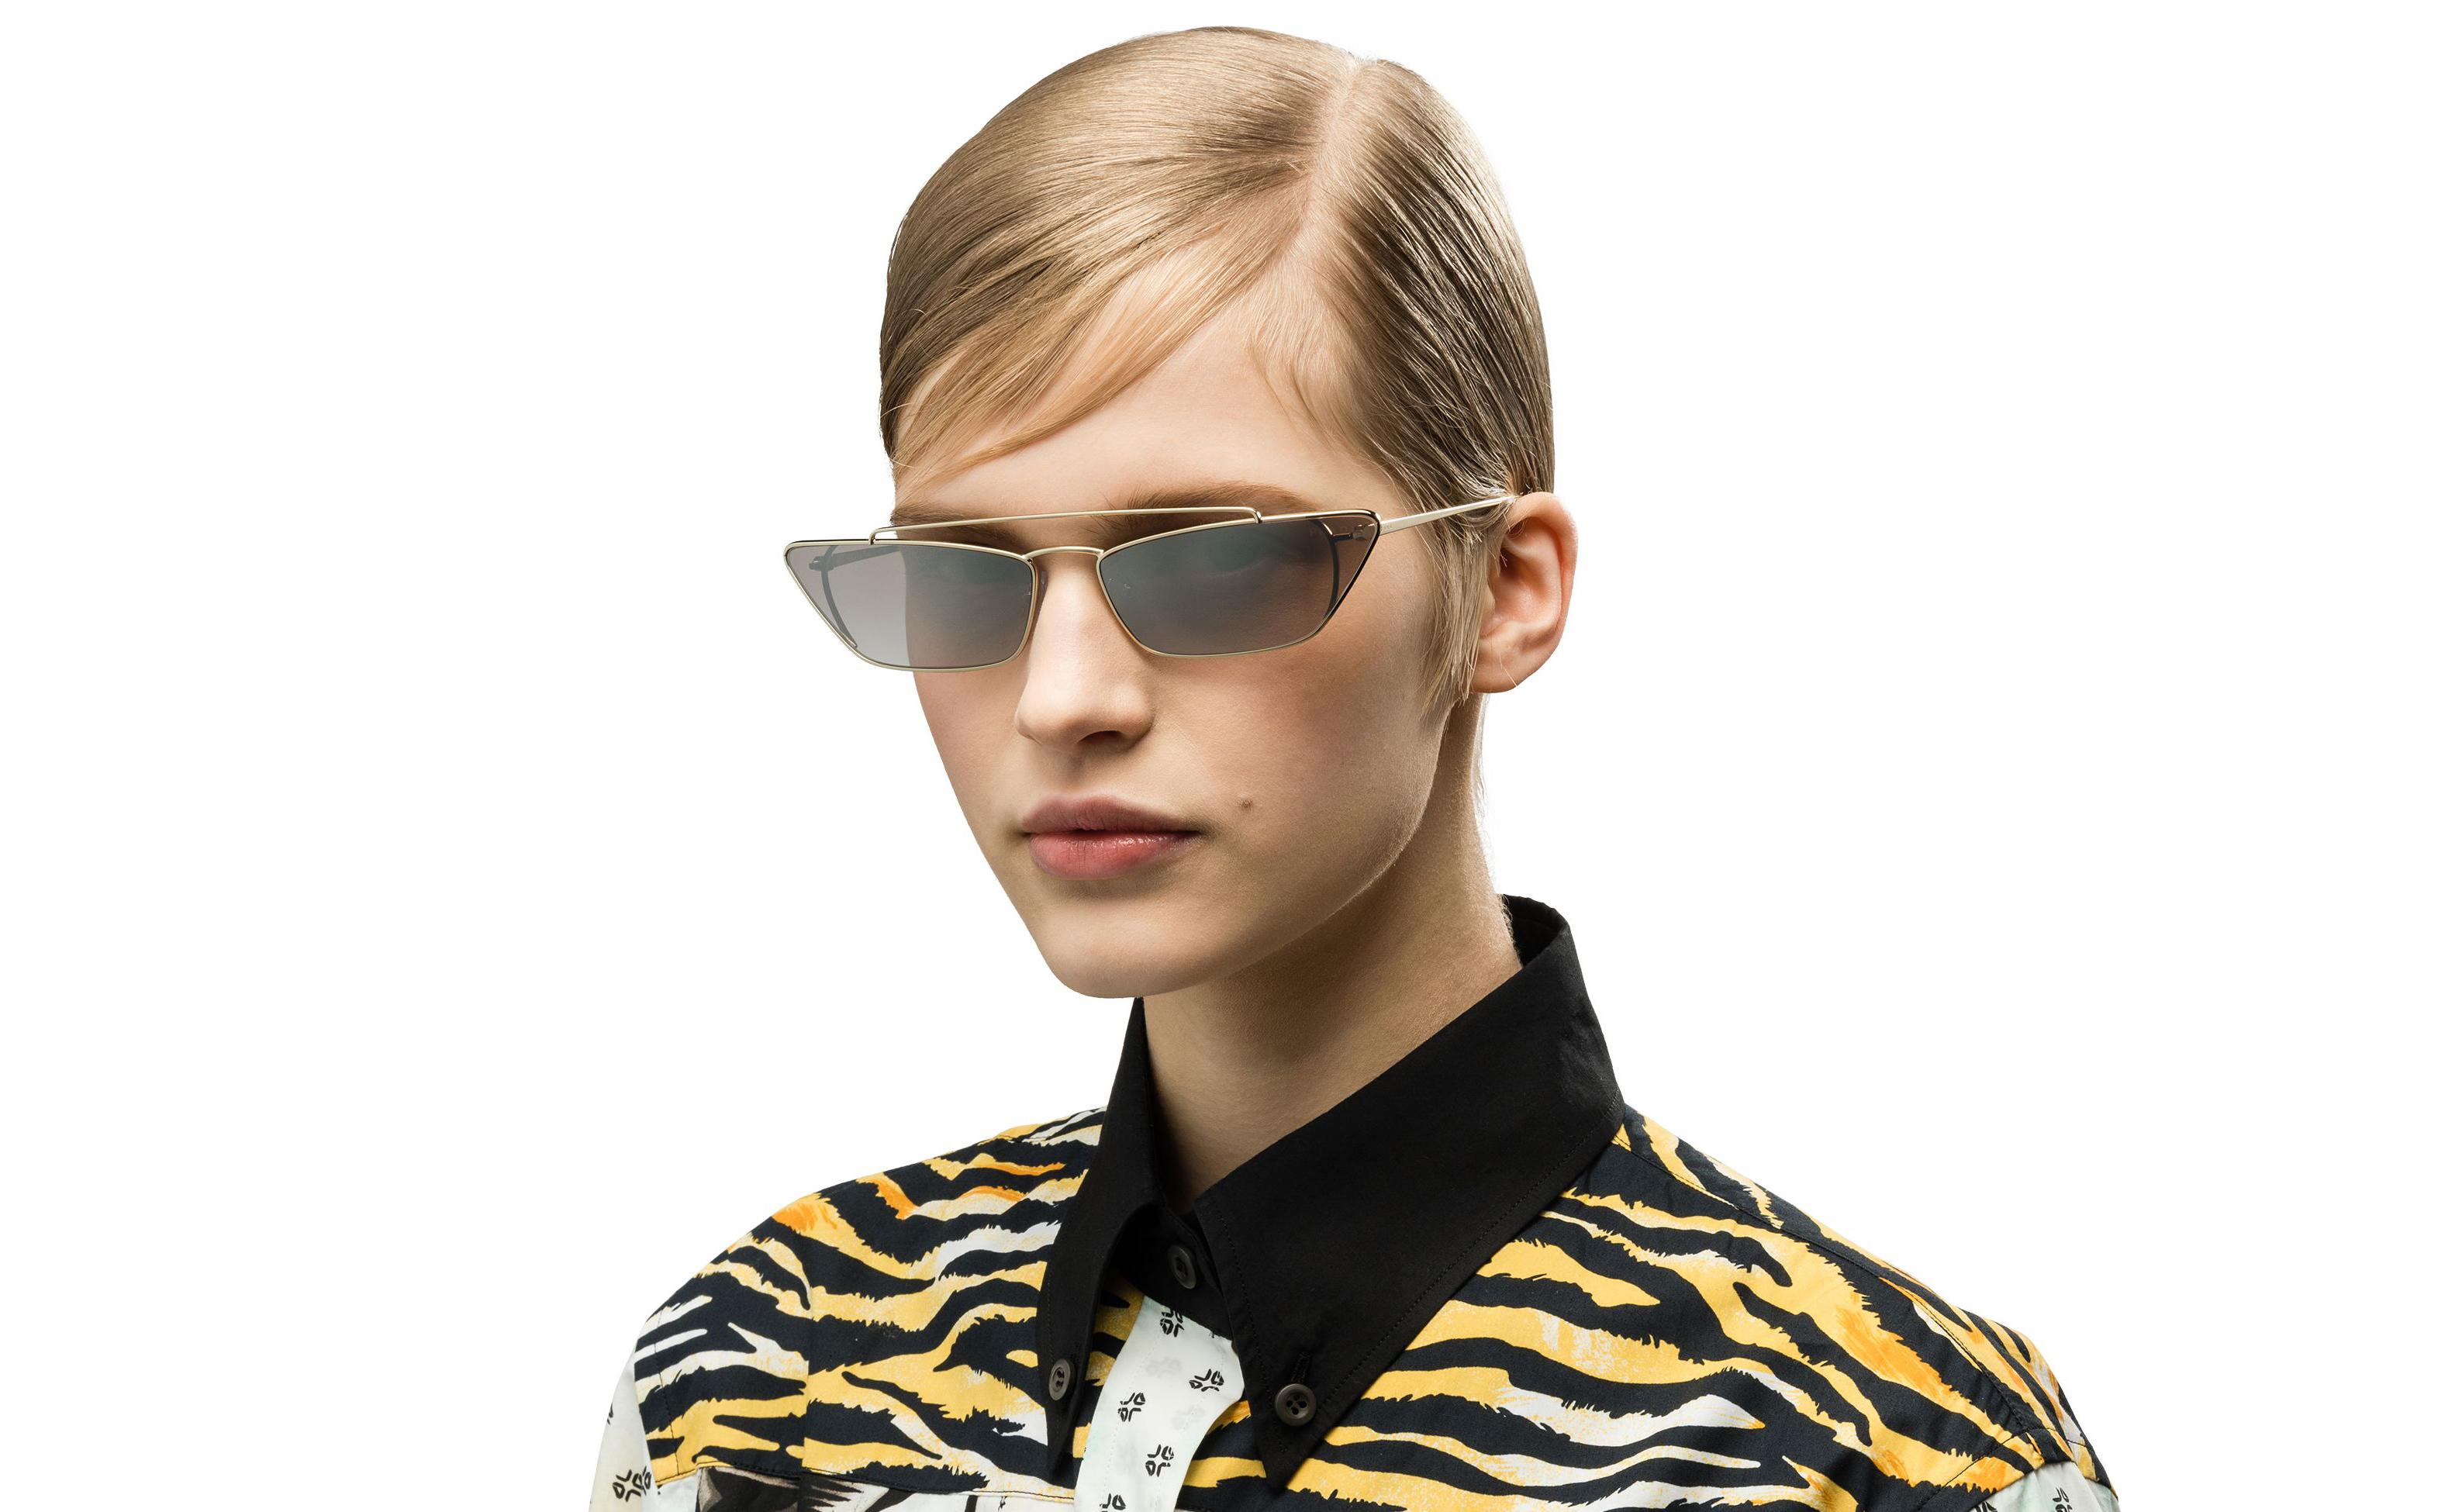 Estas son las tendencias femeninas en gafas de sol para invierno